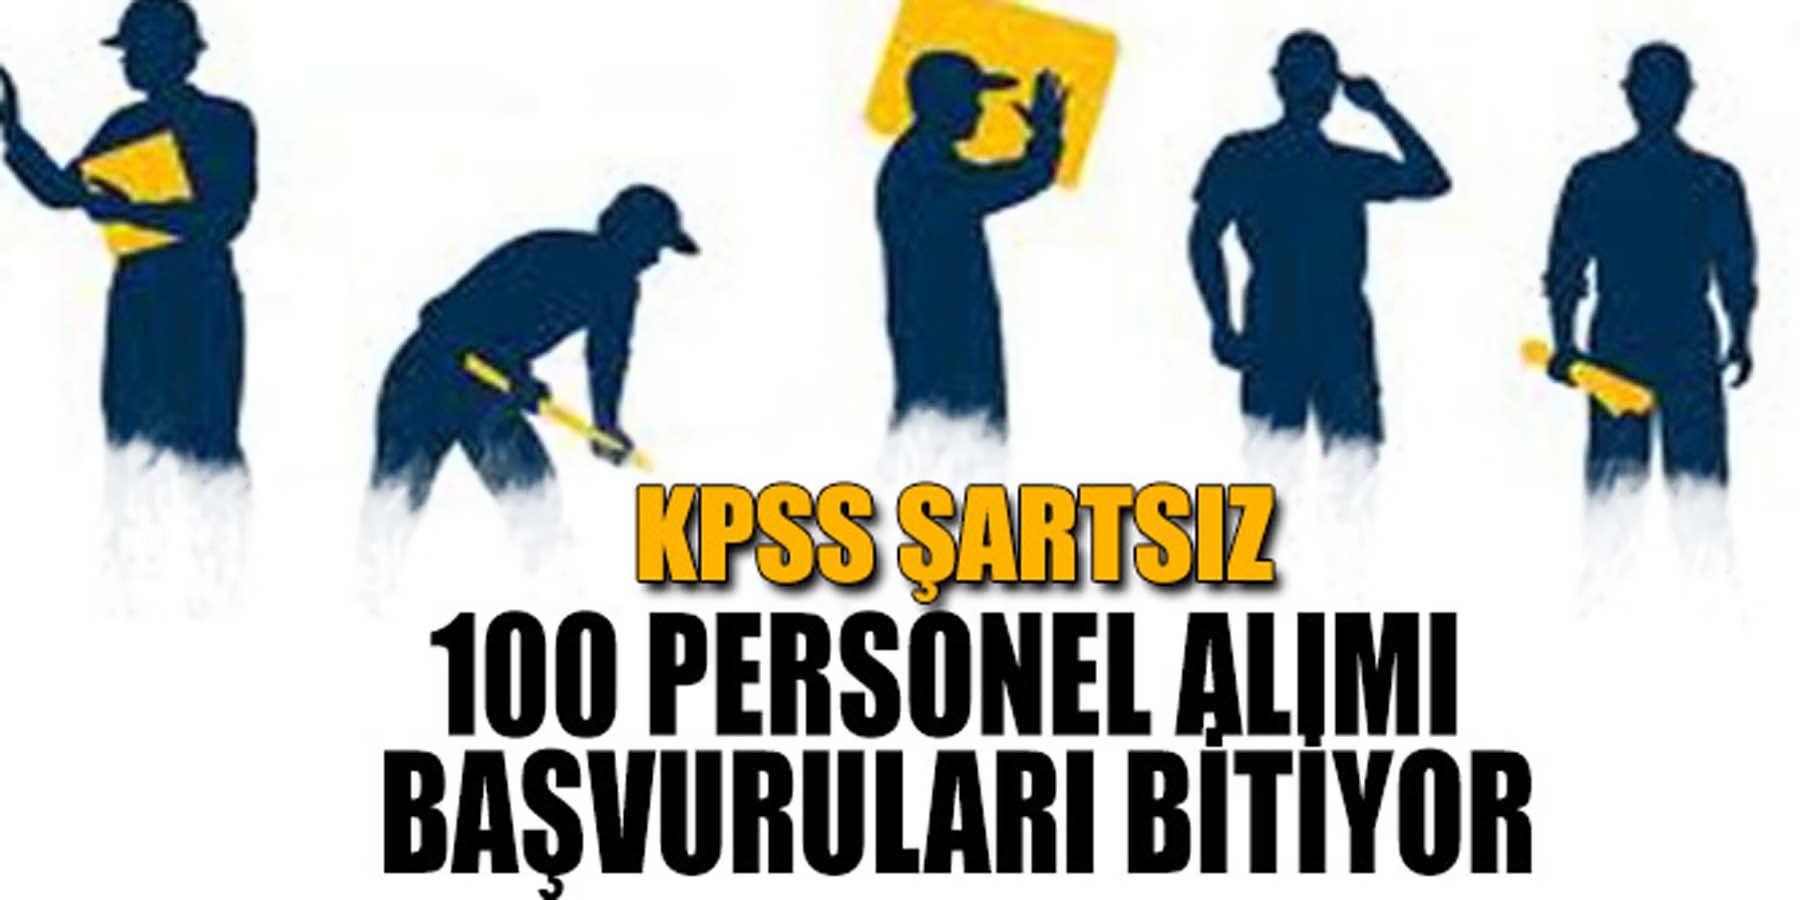 Belediye KPSS Şartı Olmadan 100 Personel Alımı Başvuruları Bitiyor